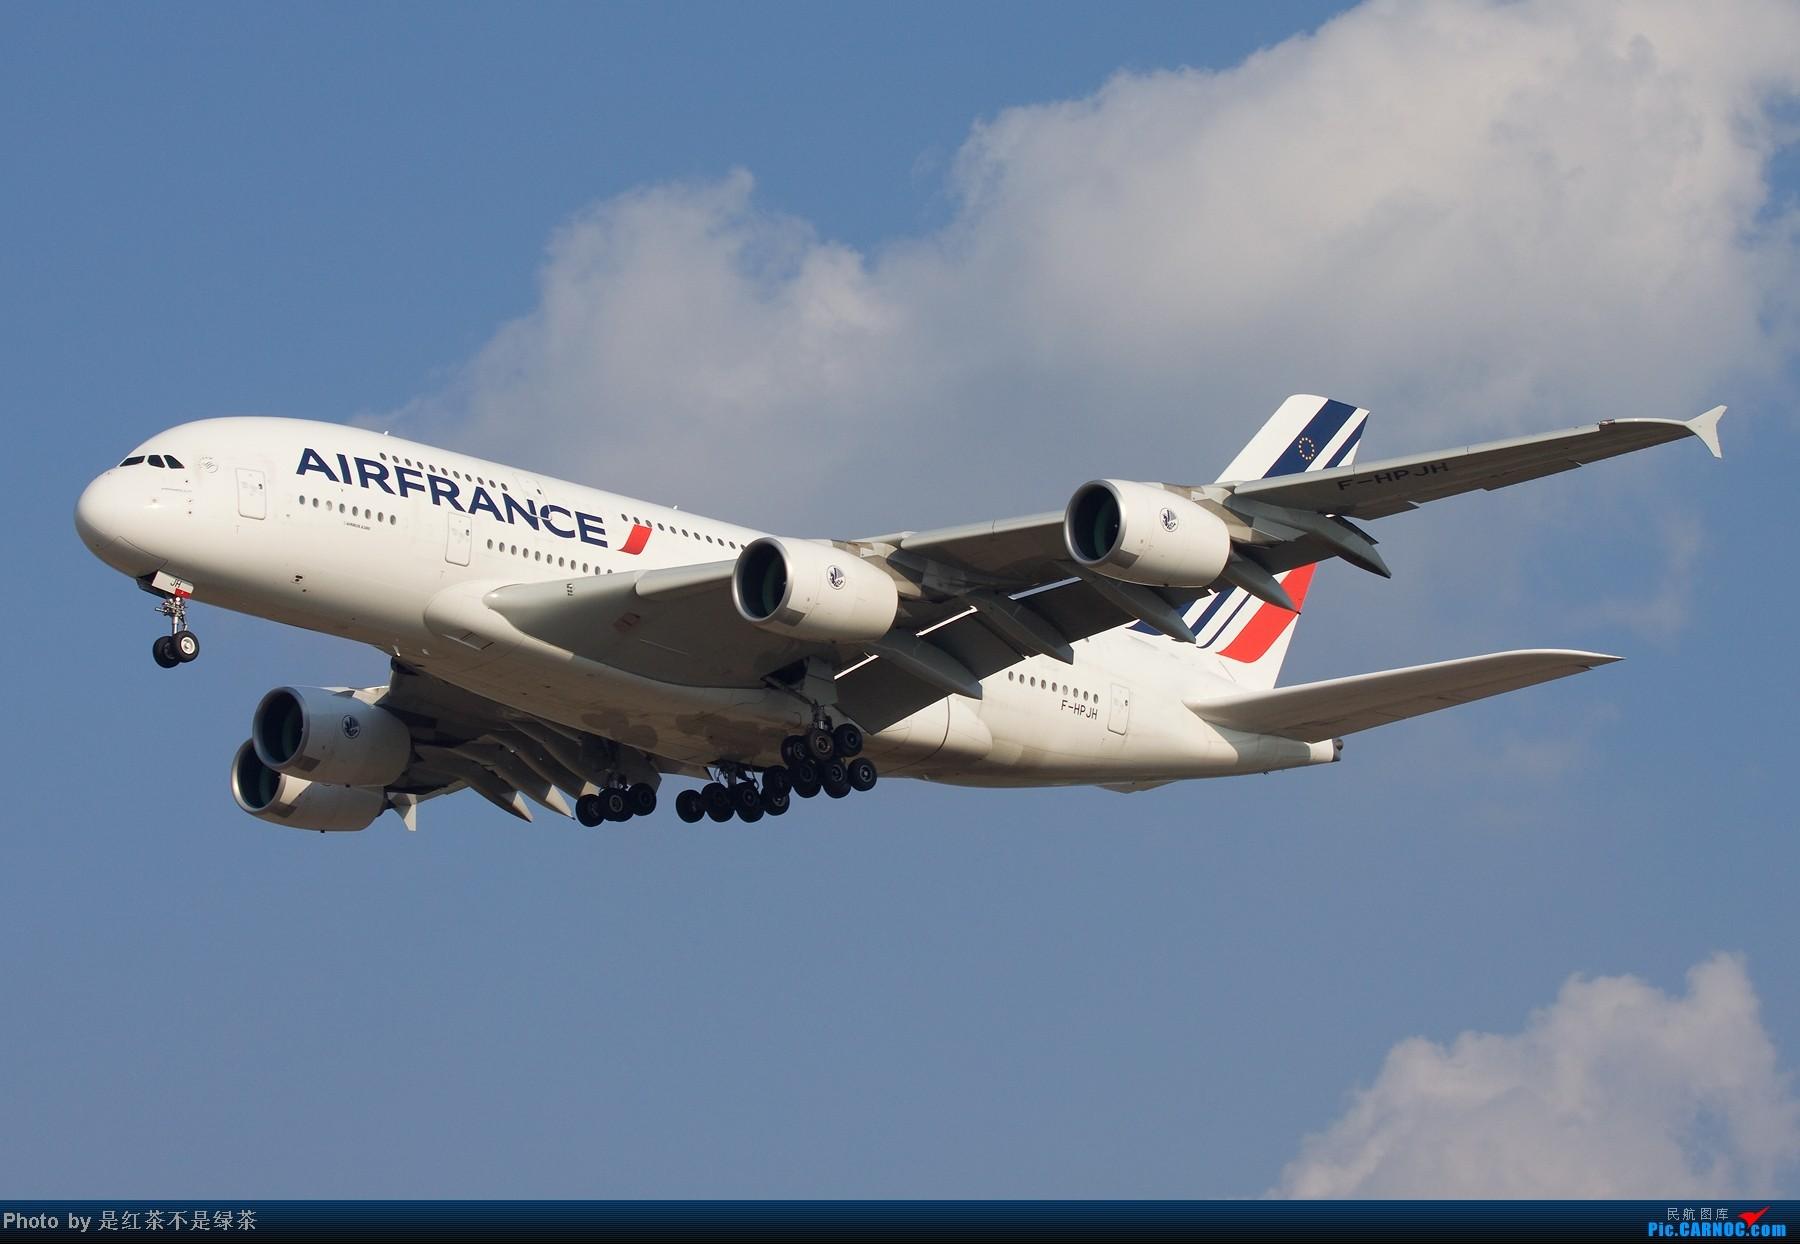 [原创]【红茶拍机】今天的主角!法航A380首航上海,多角度,第一张1800的图,最后附赠独家拍摄的擦烟图! AIRBUS A380-800 F-HPJH 中国上海浦东机场